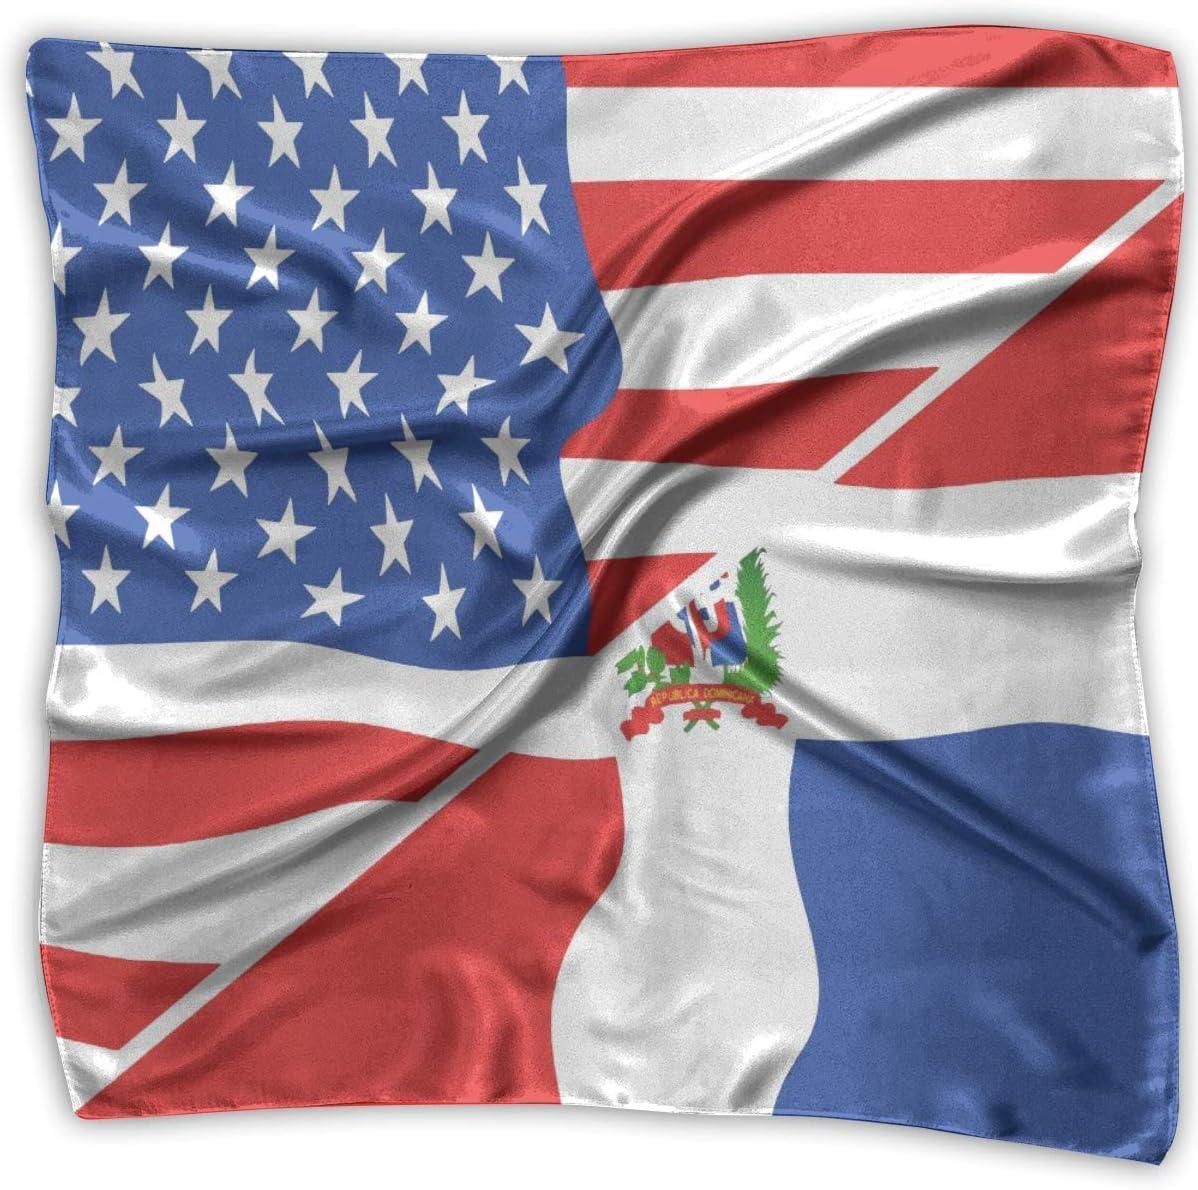 Diadema, Banderas De Estados Unidos Y Bufanda De Seda Cuadrada Dominicana, Hermosos Pañuelos Para Caballo De Montaña Ridin